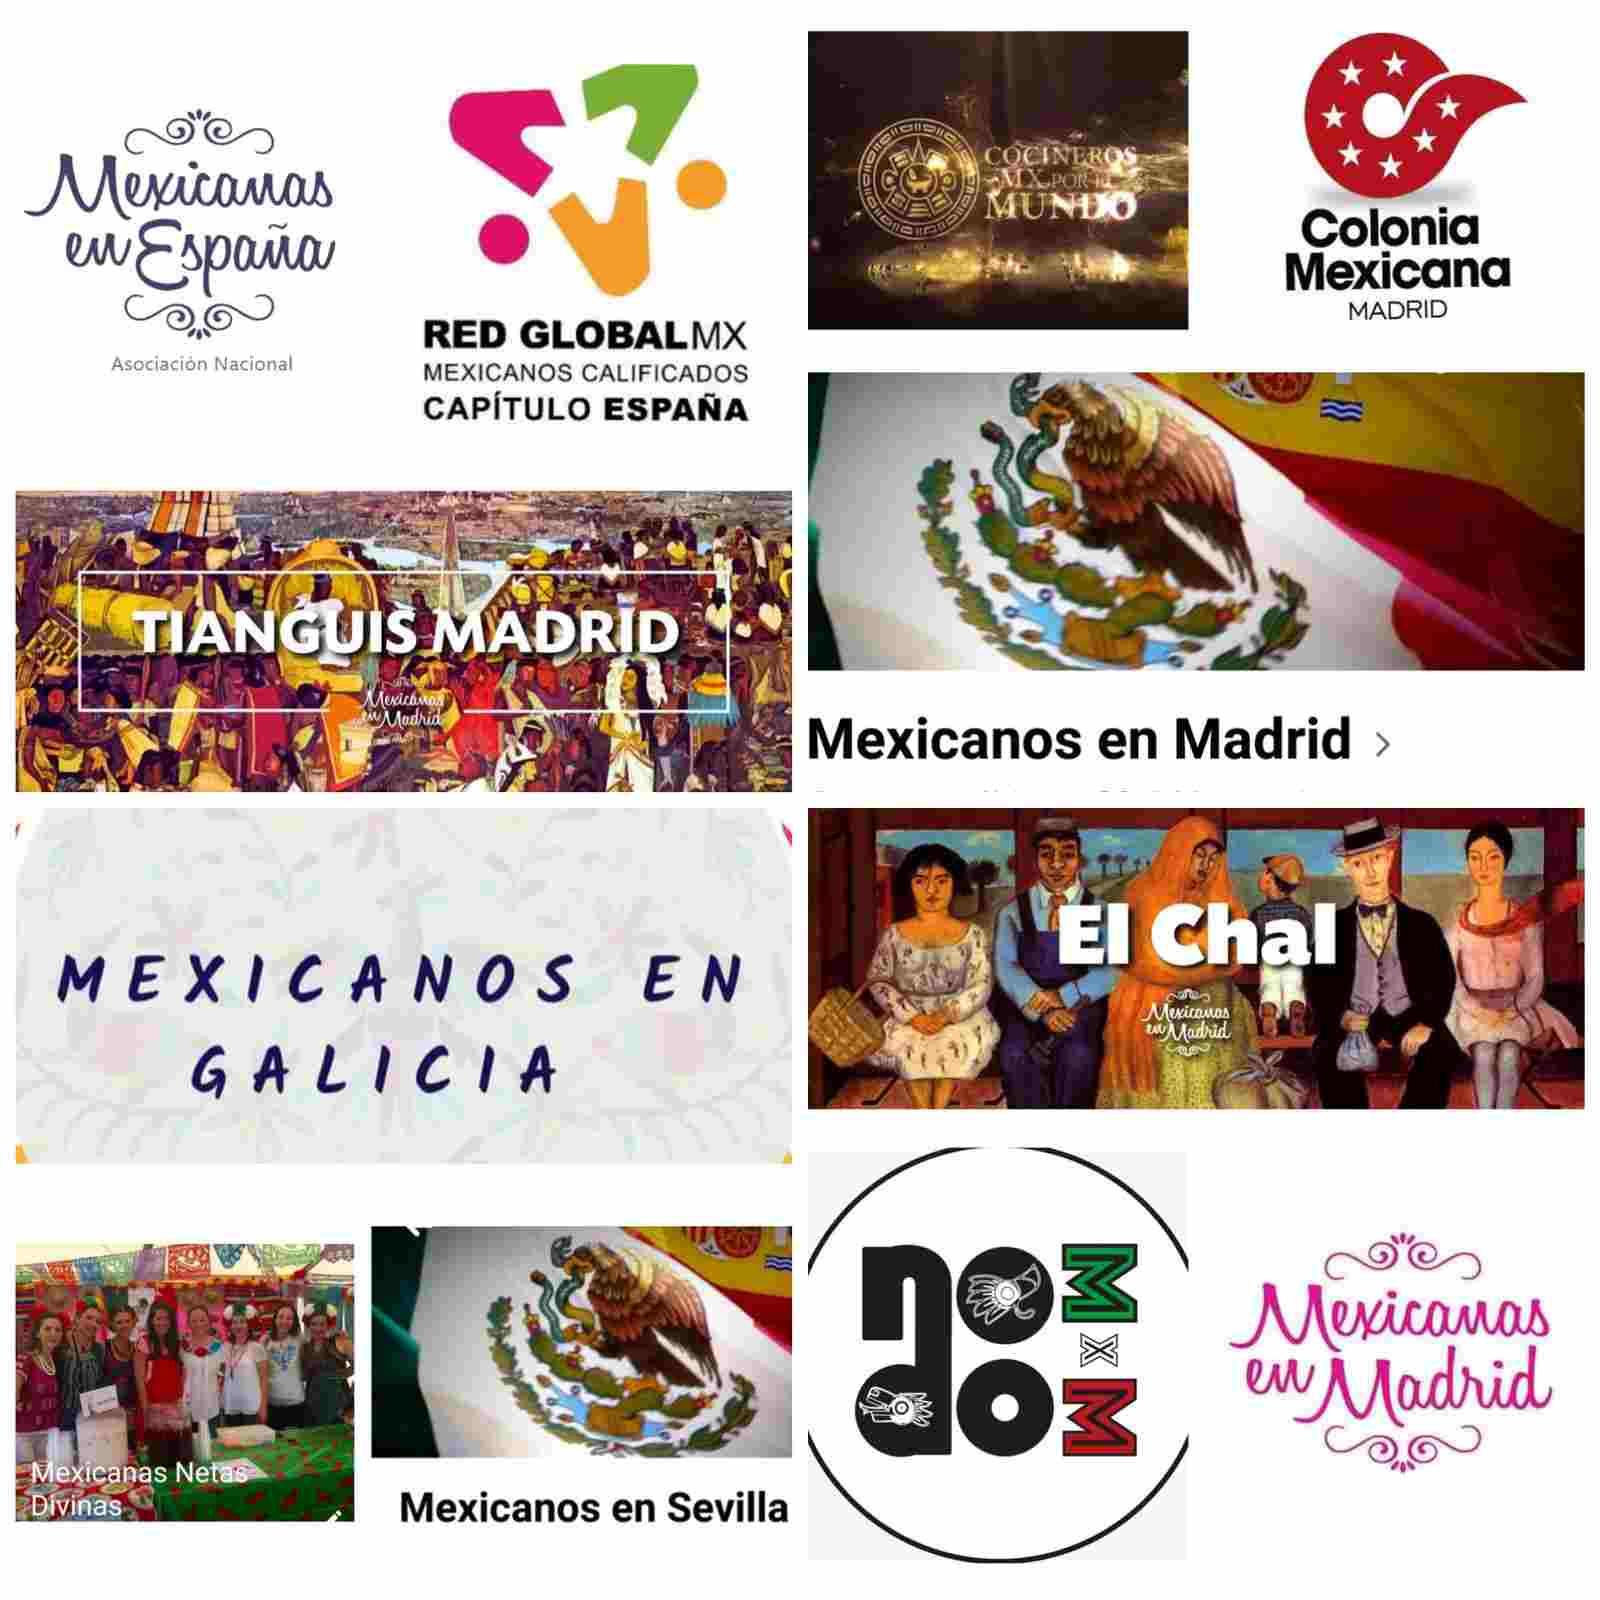 integracón y empoderamiento de las mujeres mexicanas en España